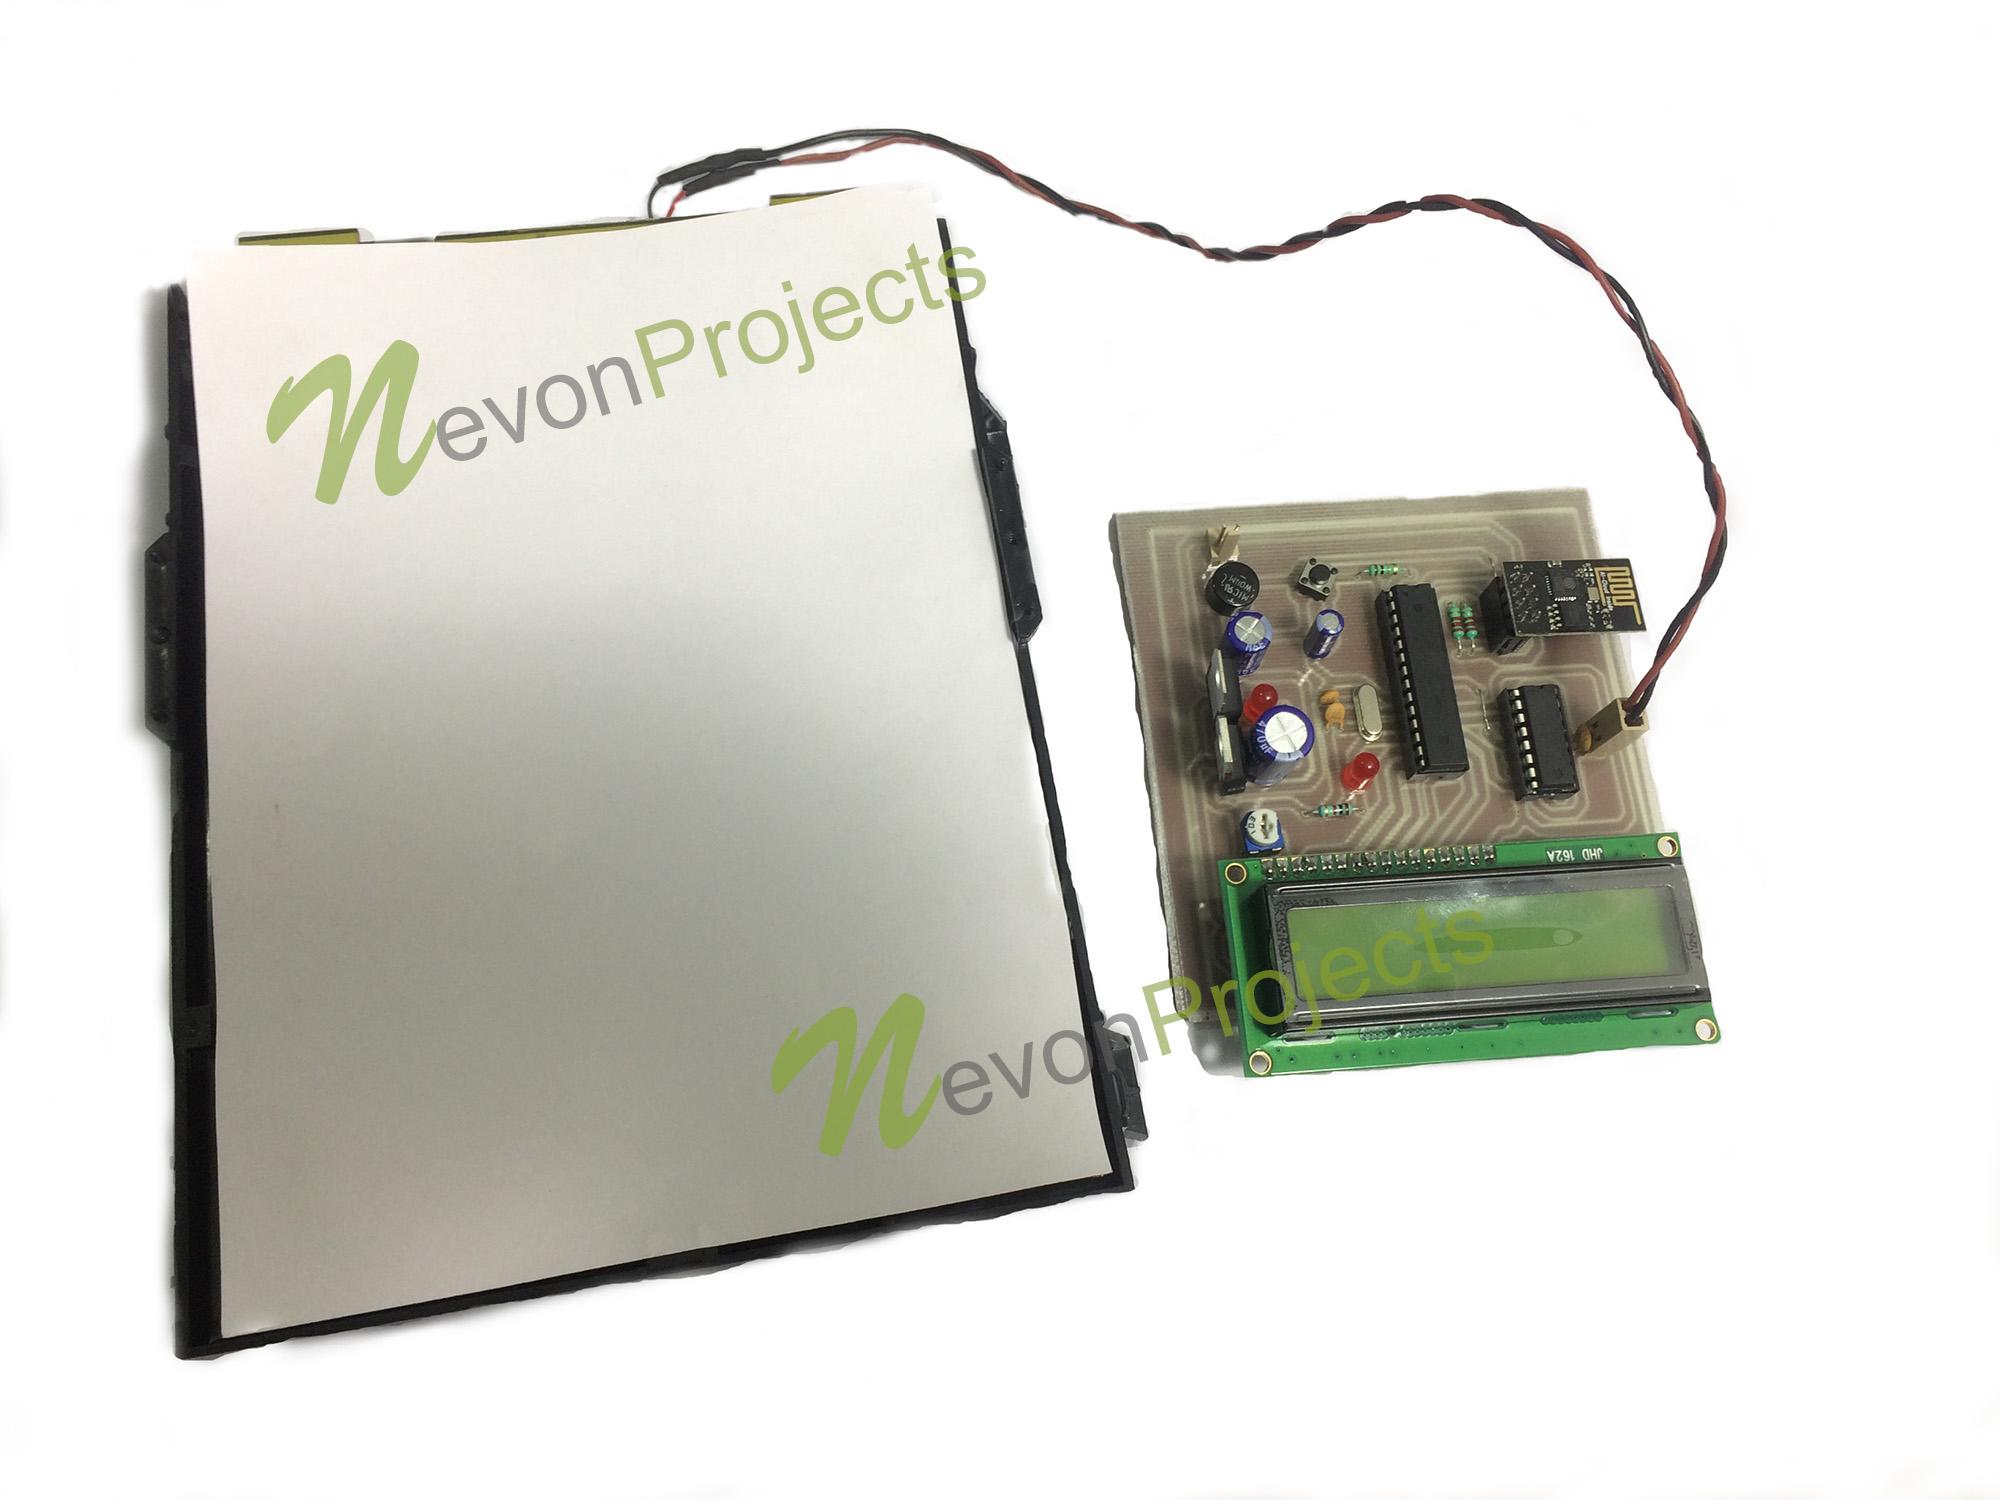 IOT Electronic Door Opener  sc 1 st  NevonProjects & IOT Electronic Door Opener | NevonProjects